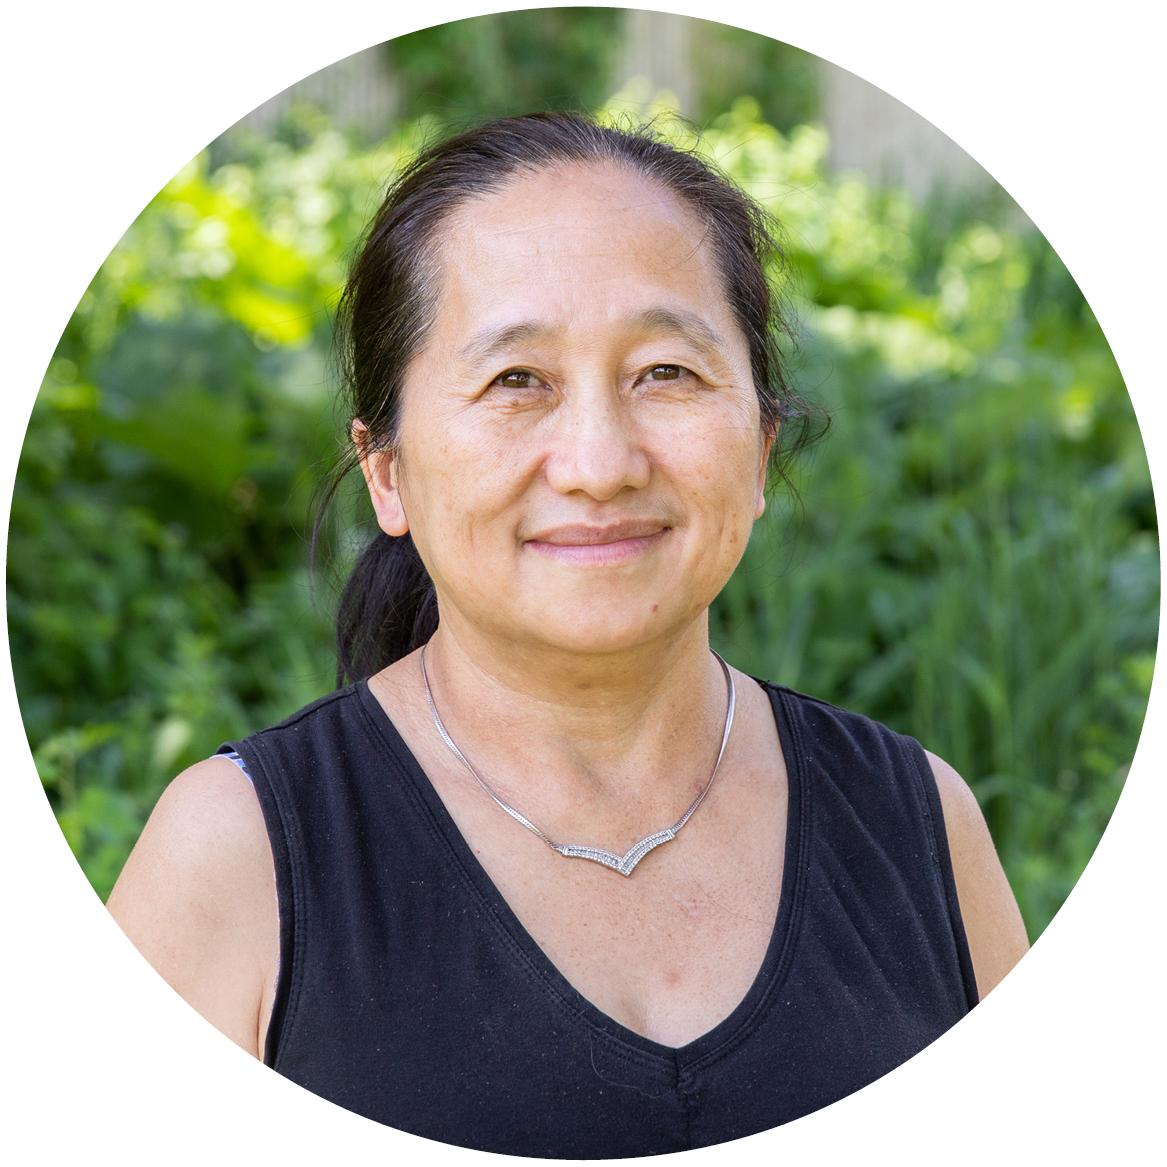 Julie Moua